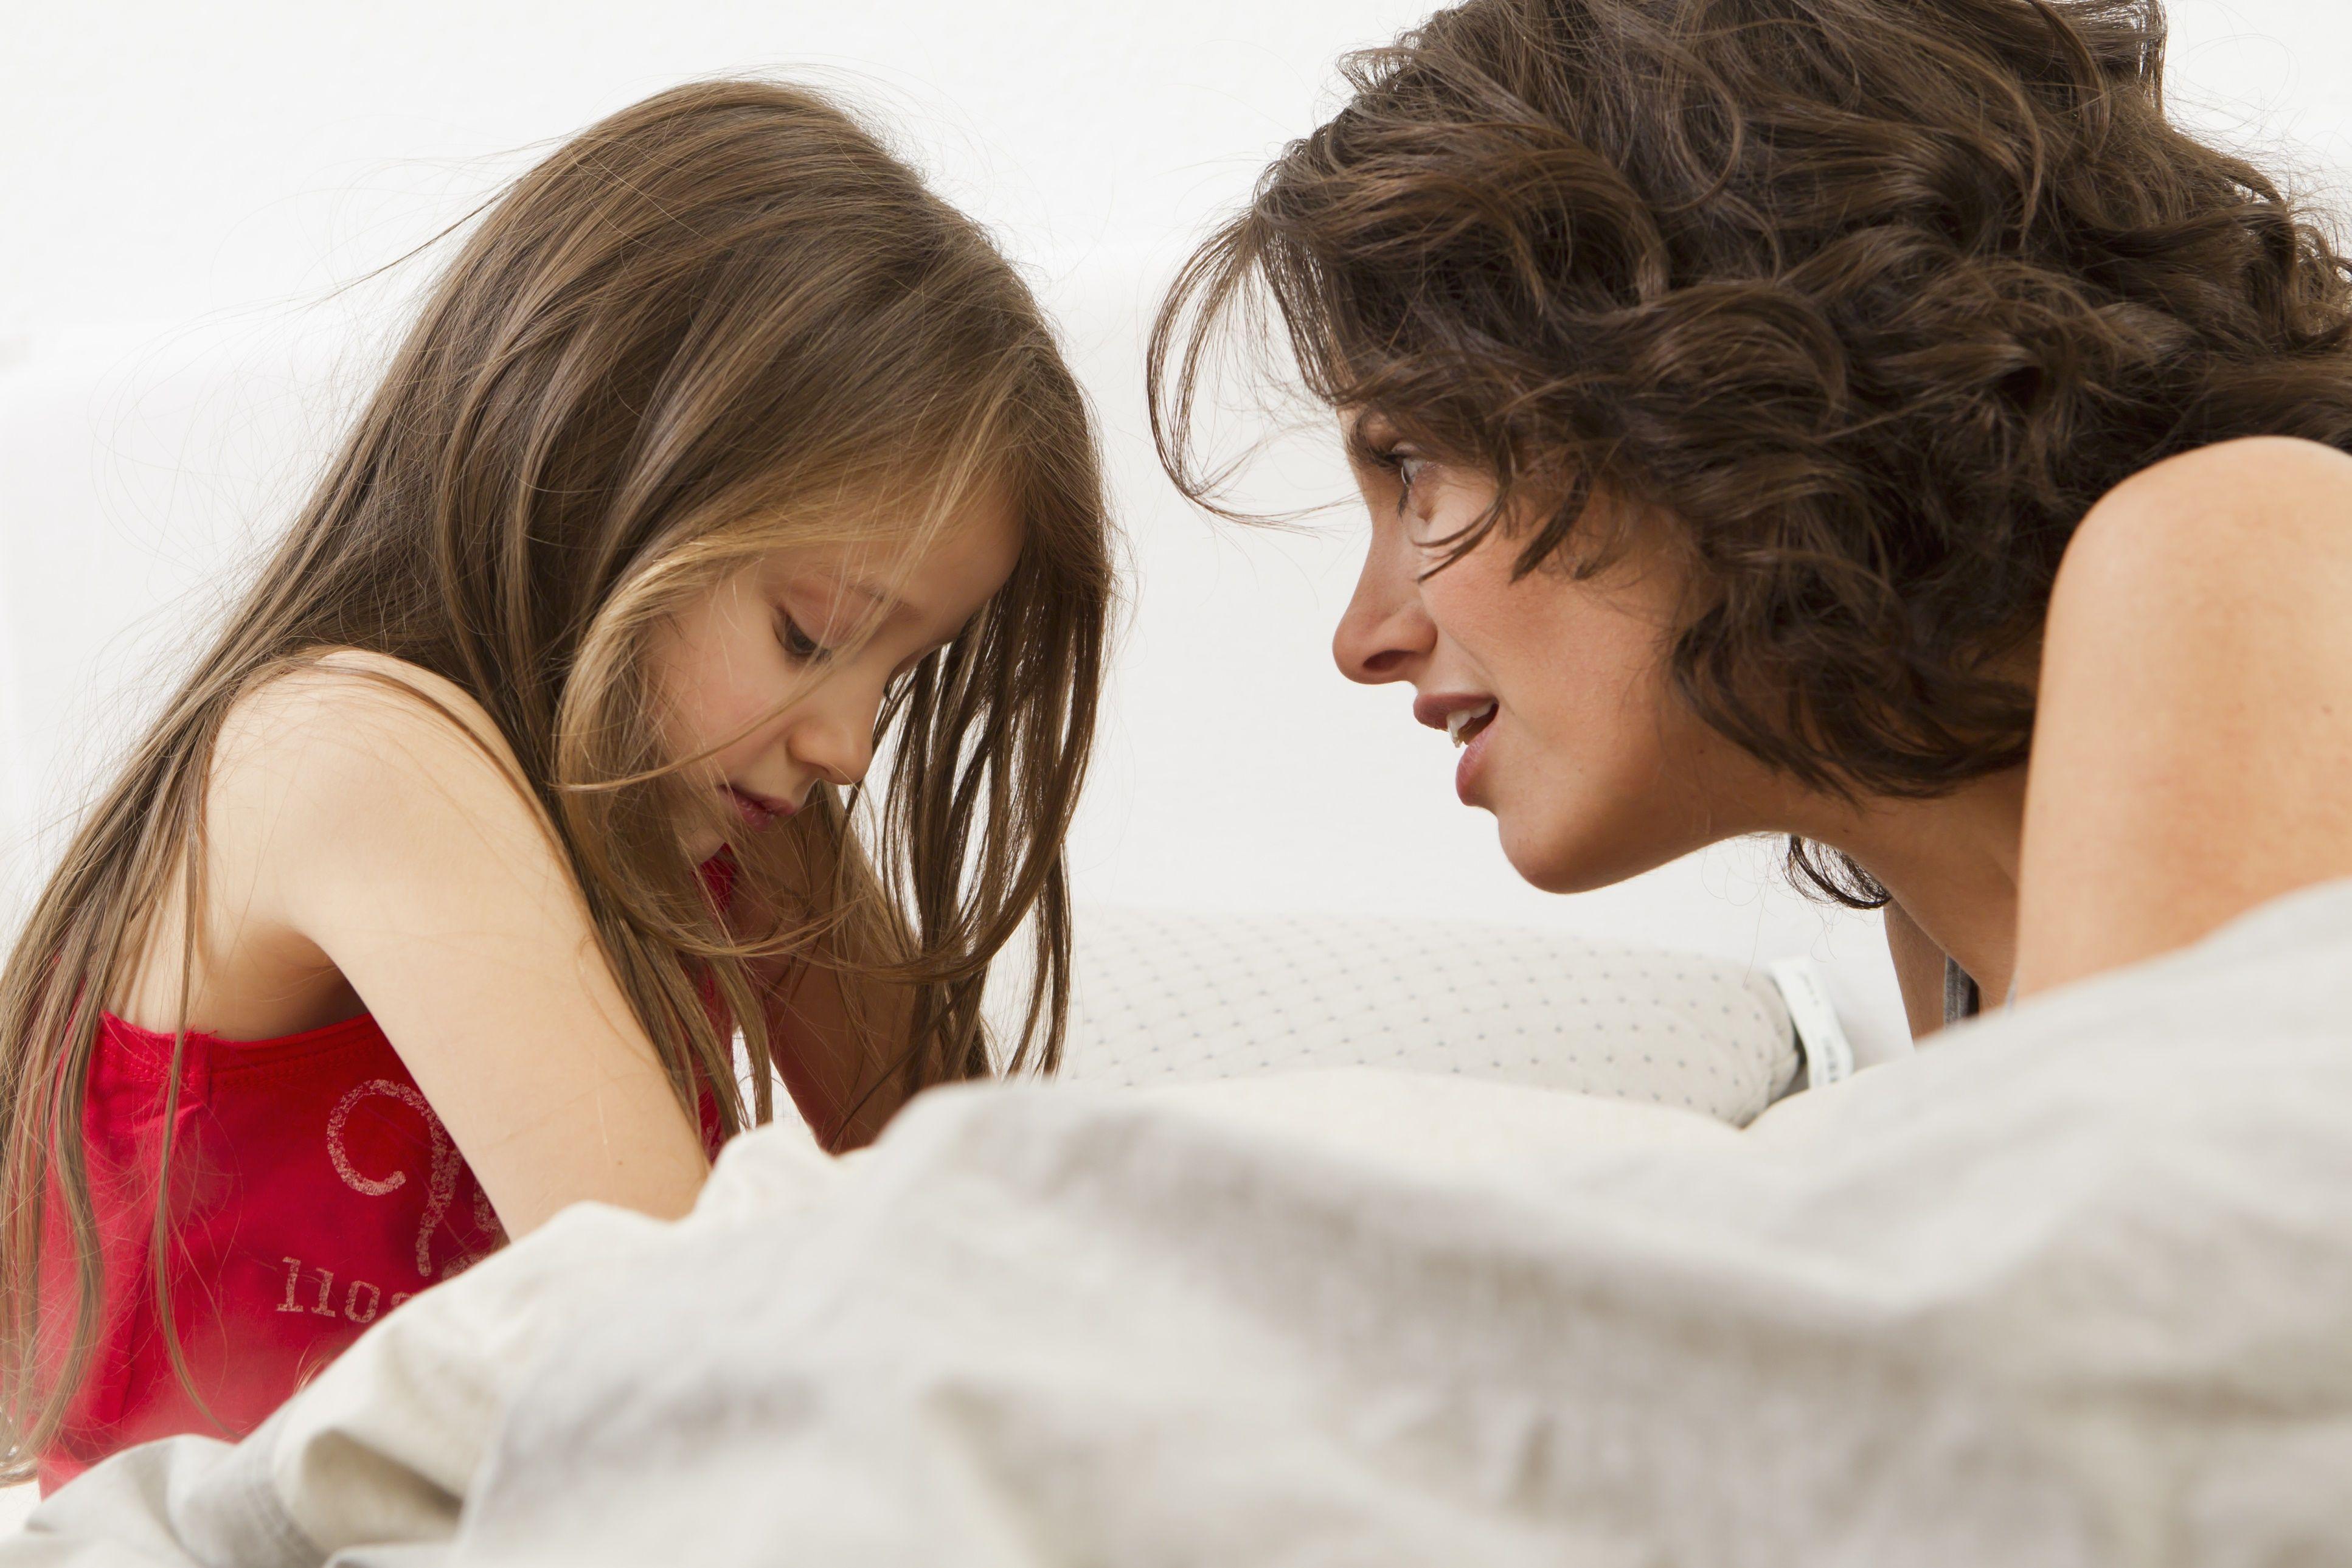 getty_girl_mom_sorry_lying_talking_large_emely-56a13eaf3df78cf77268bc9a.jpg